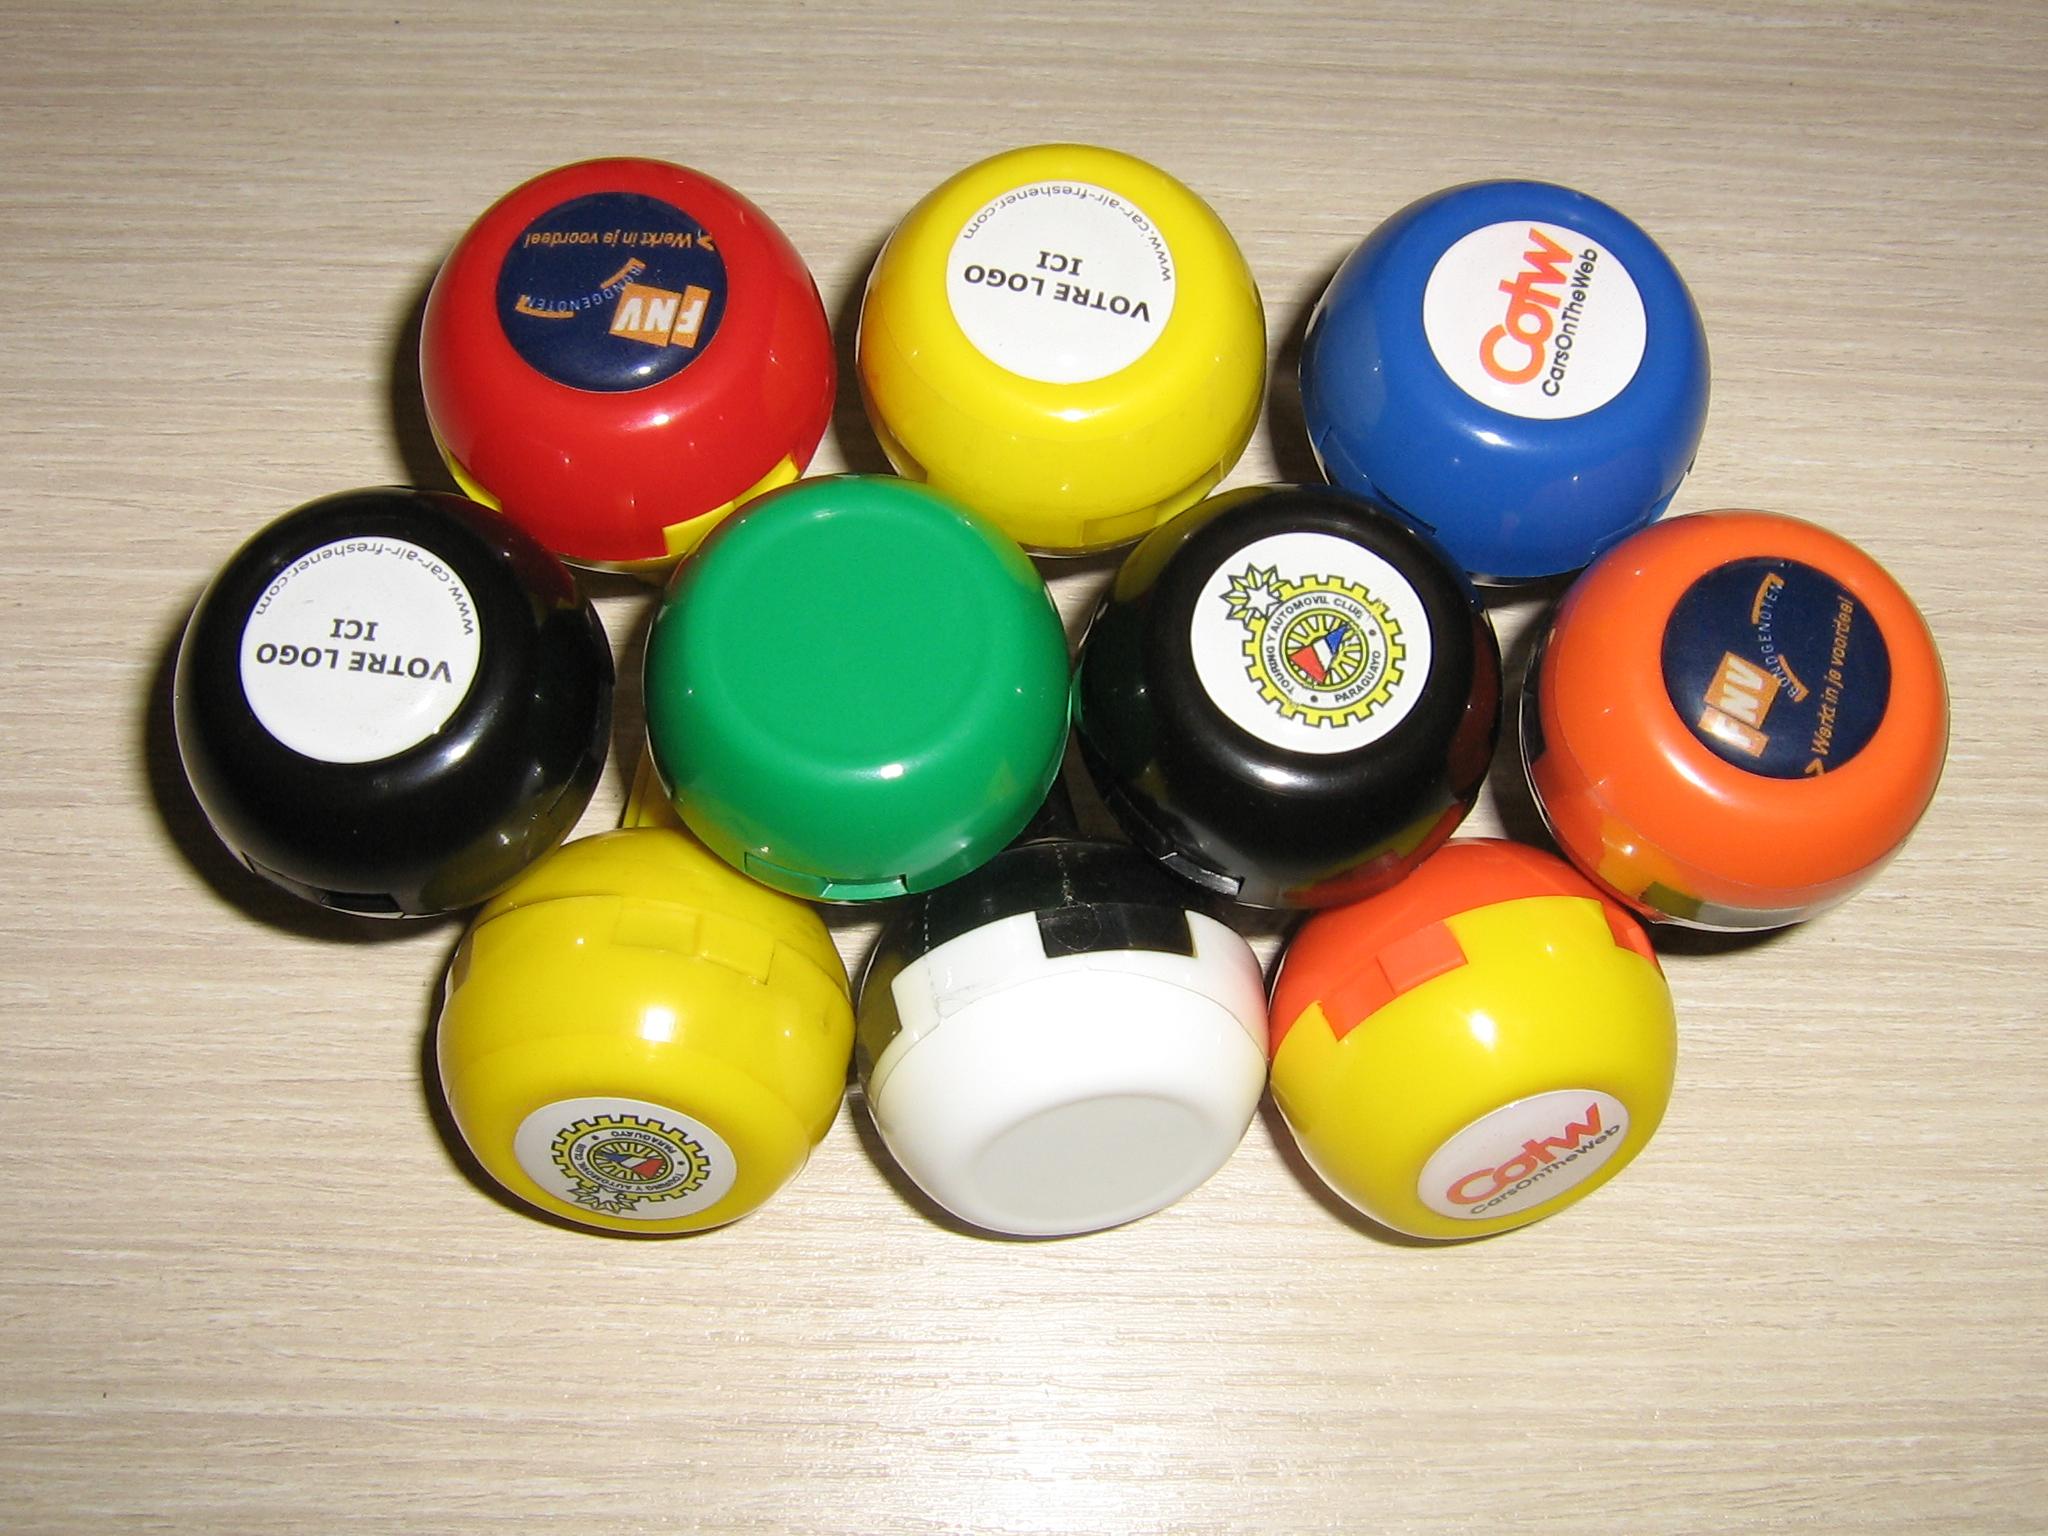 Luchtverfrissers voor de auto : Freshballs !